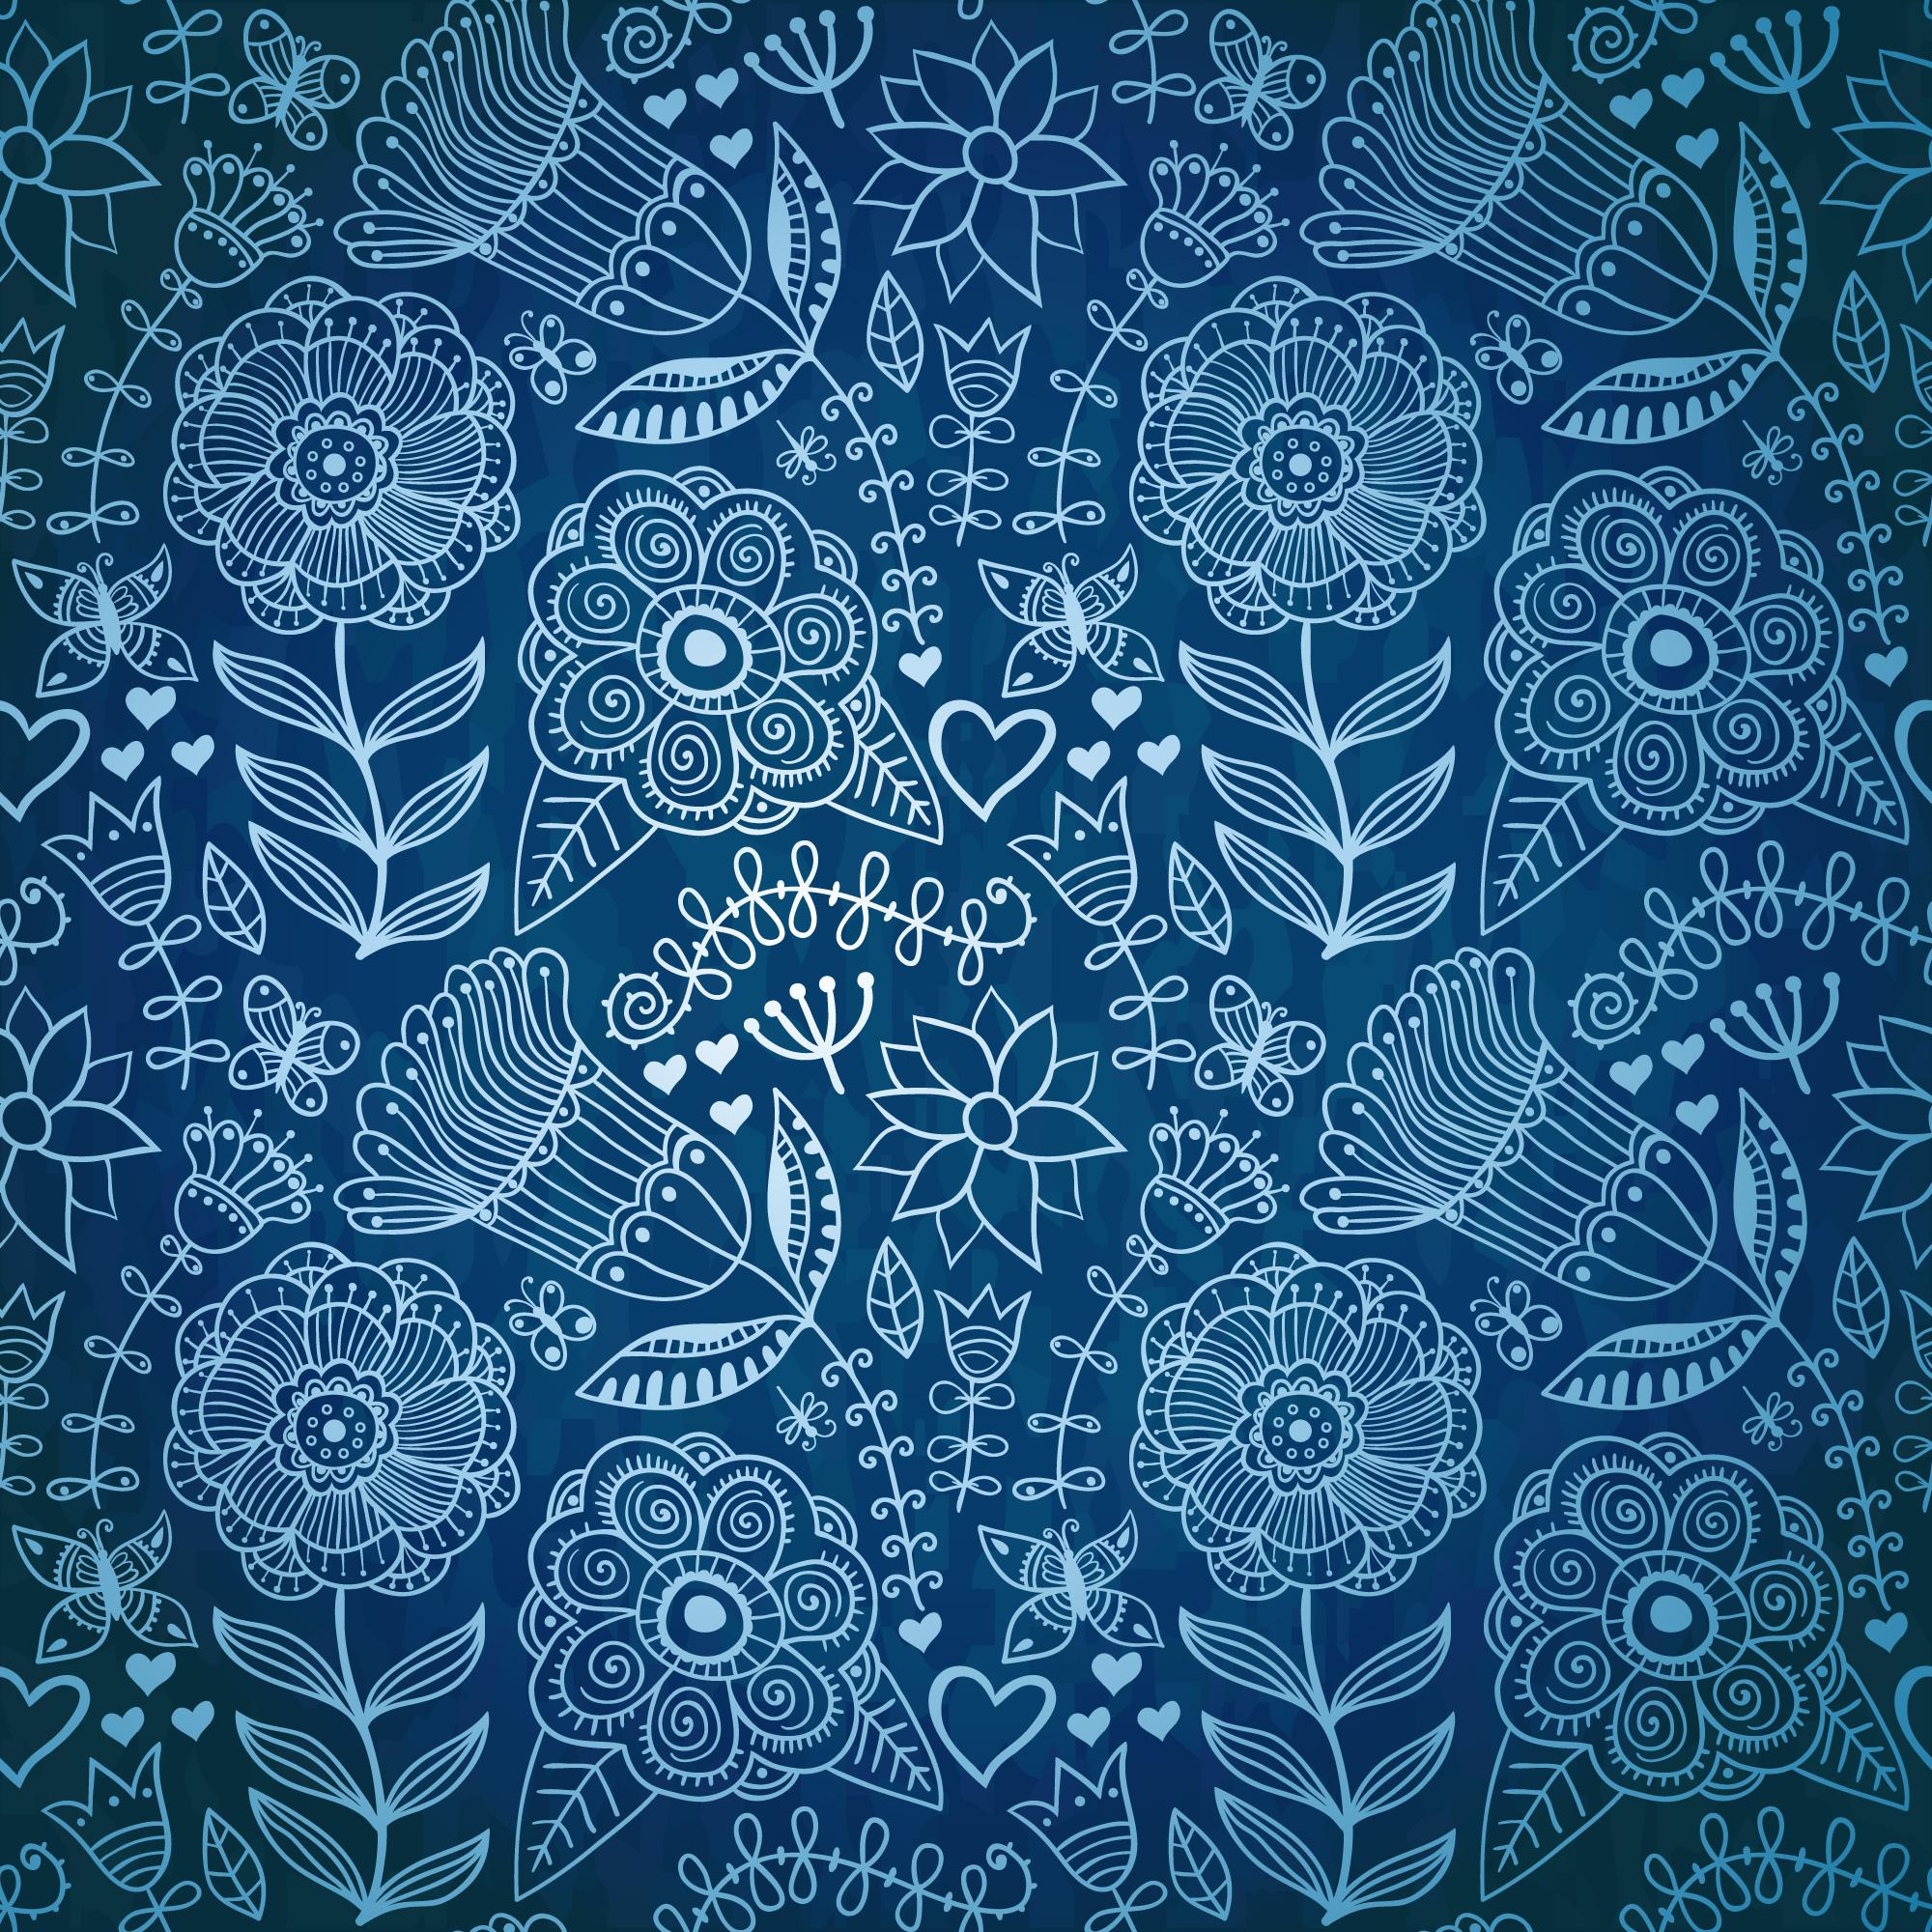 восточный цветочный узор паттерн